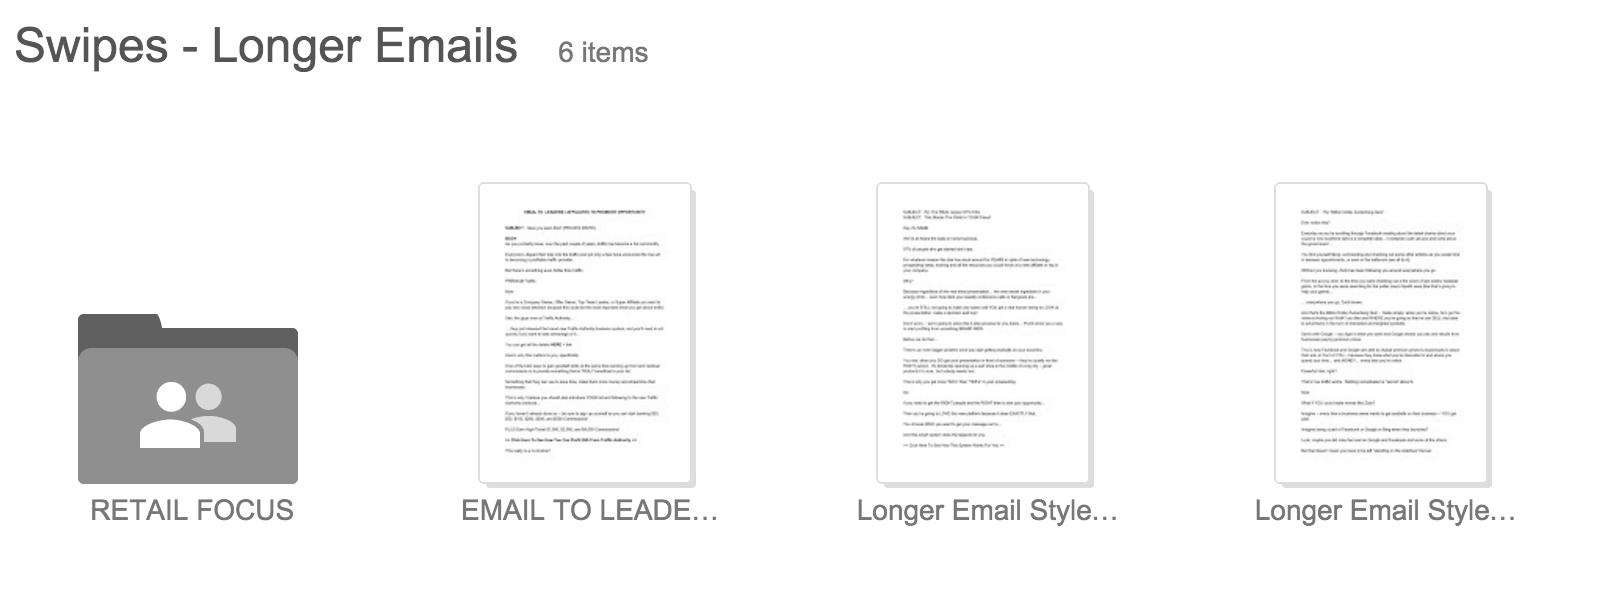 prewritten-emails